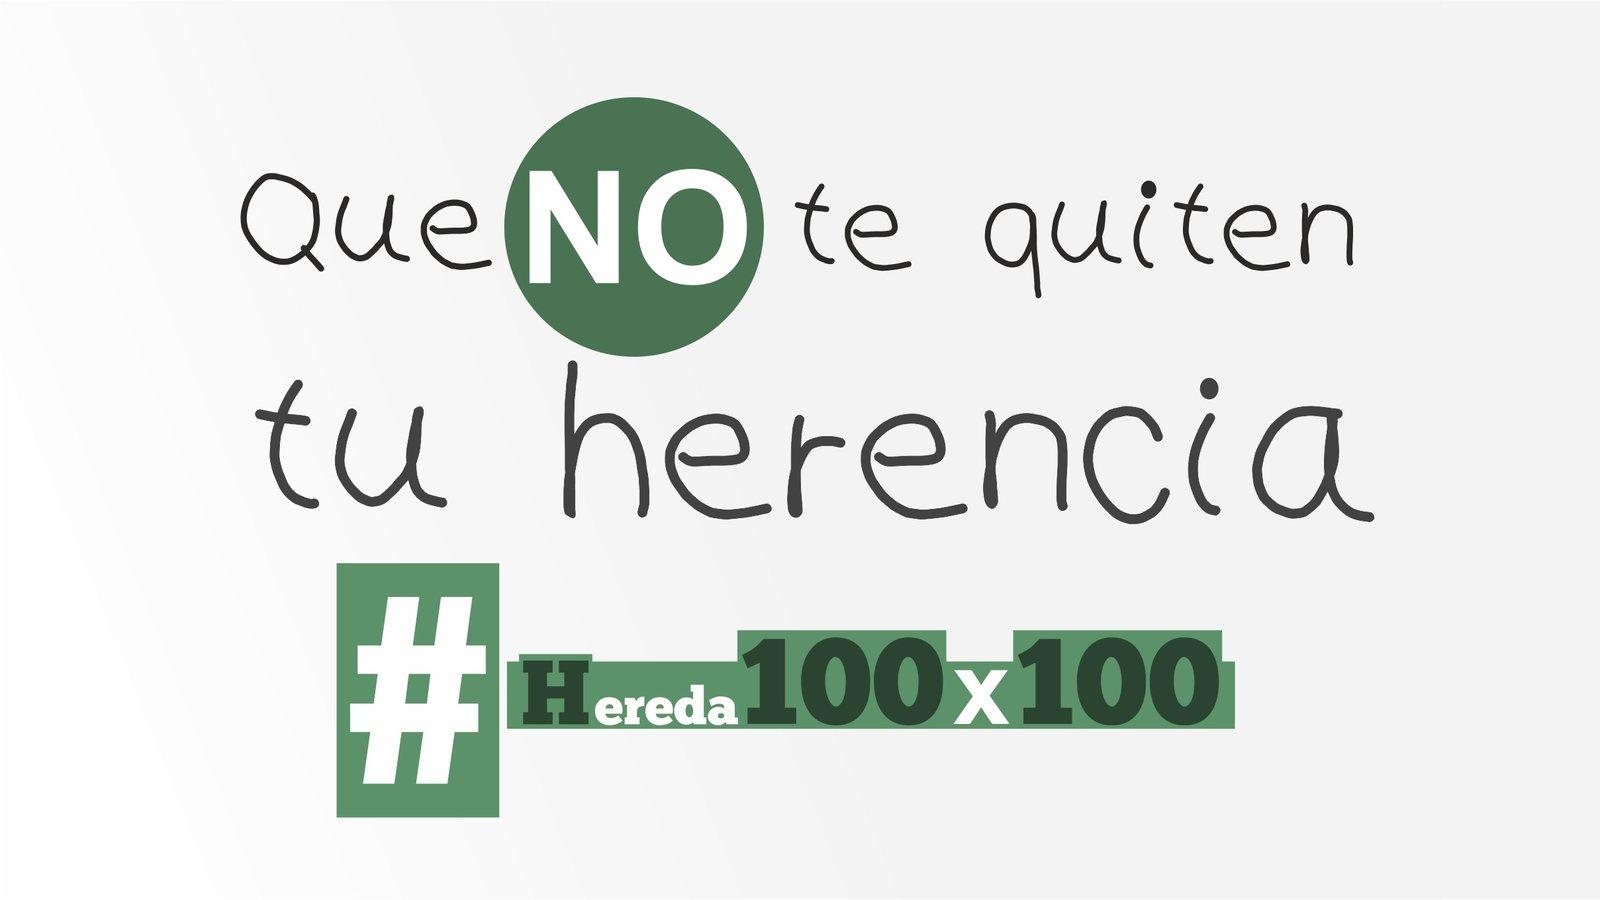 #Hereda100%: El PP andaluz recogerá el rechazo de la calle al Impuesto de Sucesiones